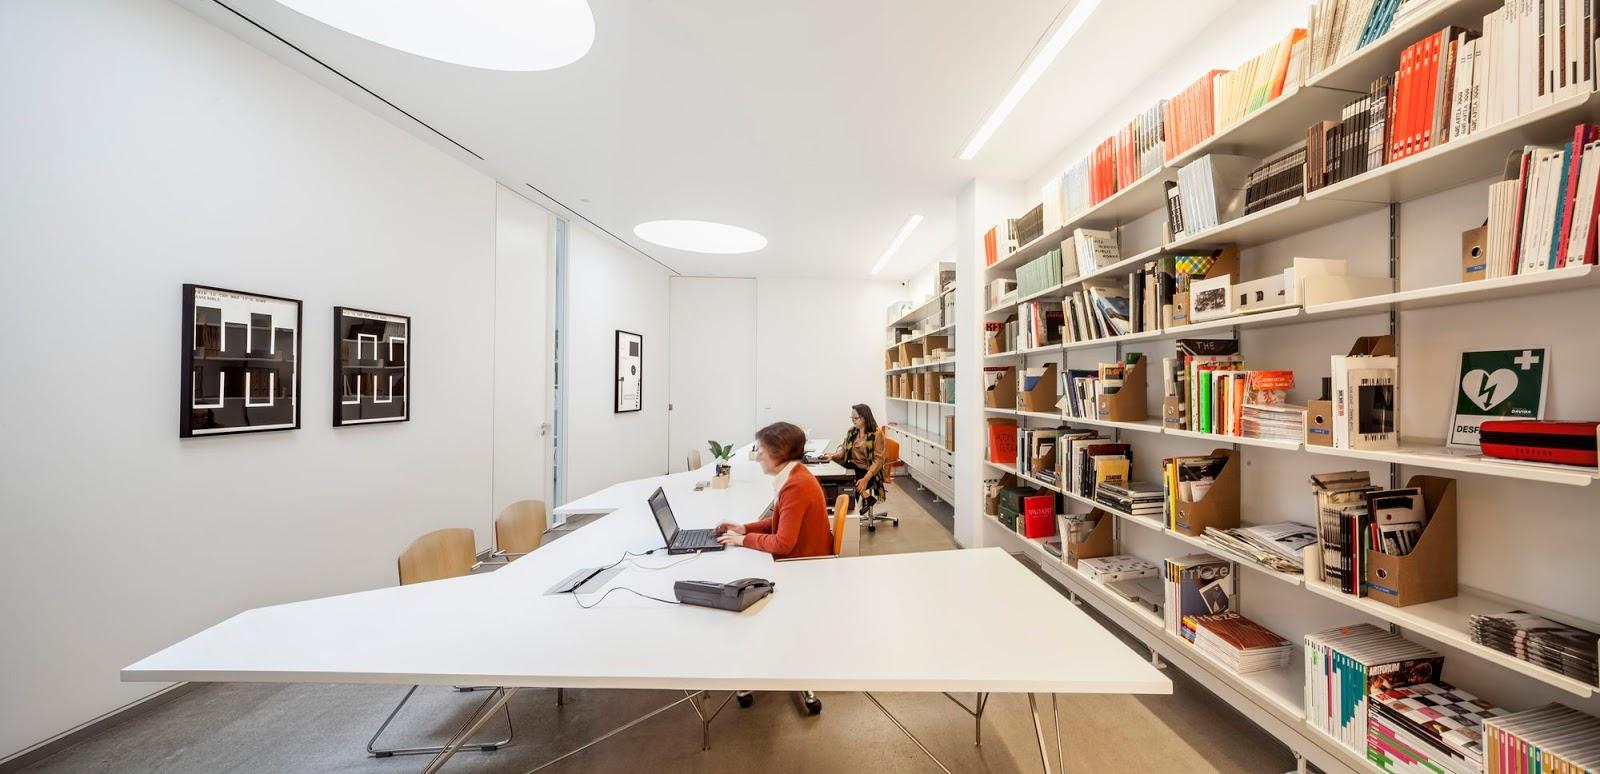 A f a s i a estudio herreros - Estudio arquitectura bilbao ...